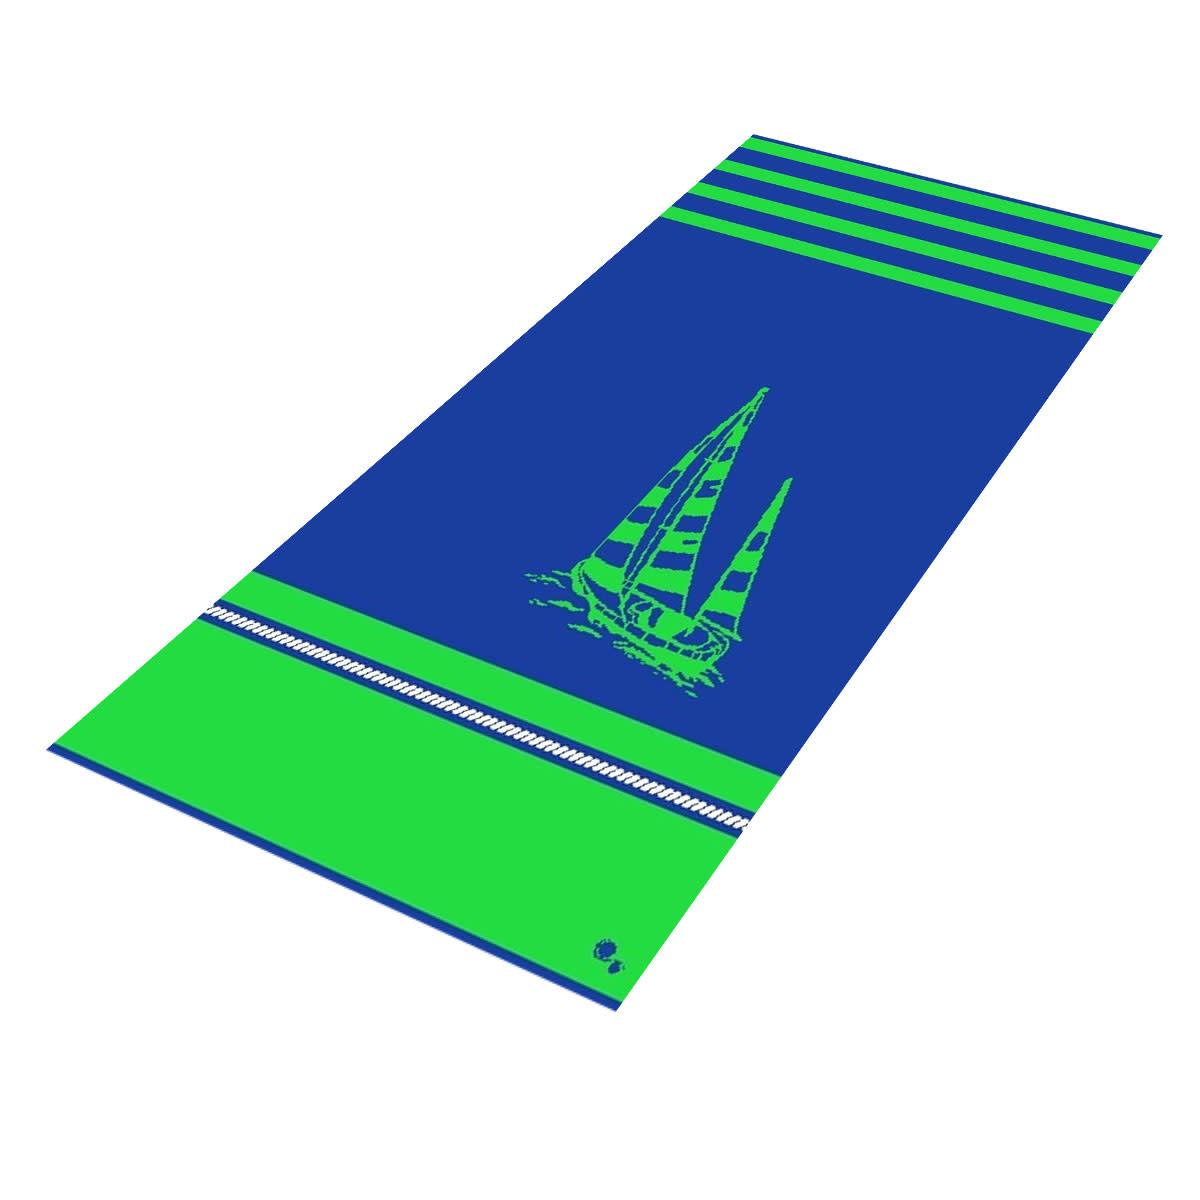 Textiles Admiral's Cup - Sheared Jacquard Beach Towel